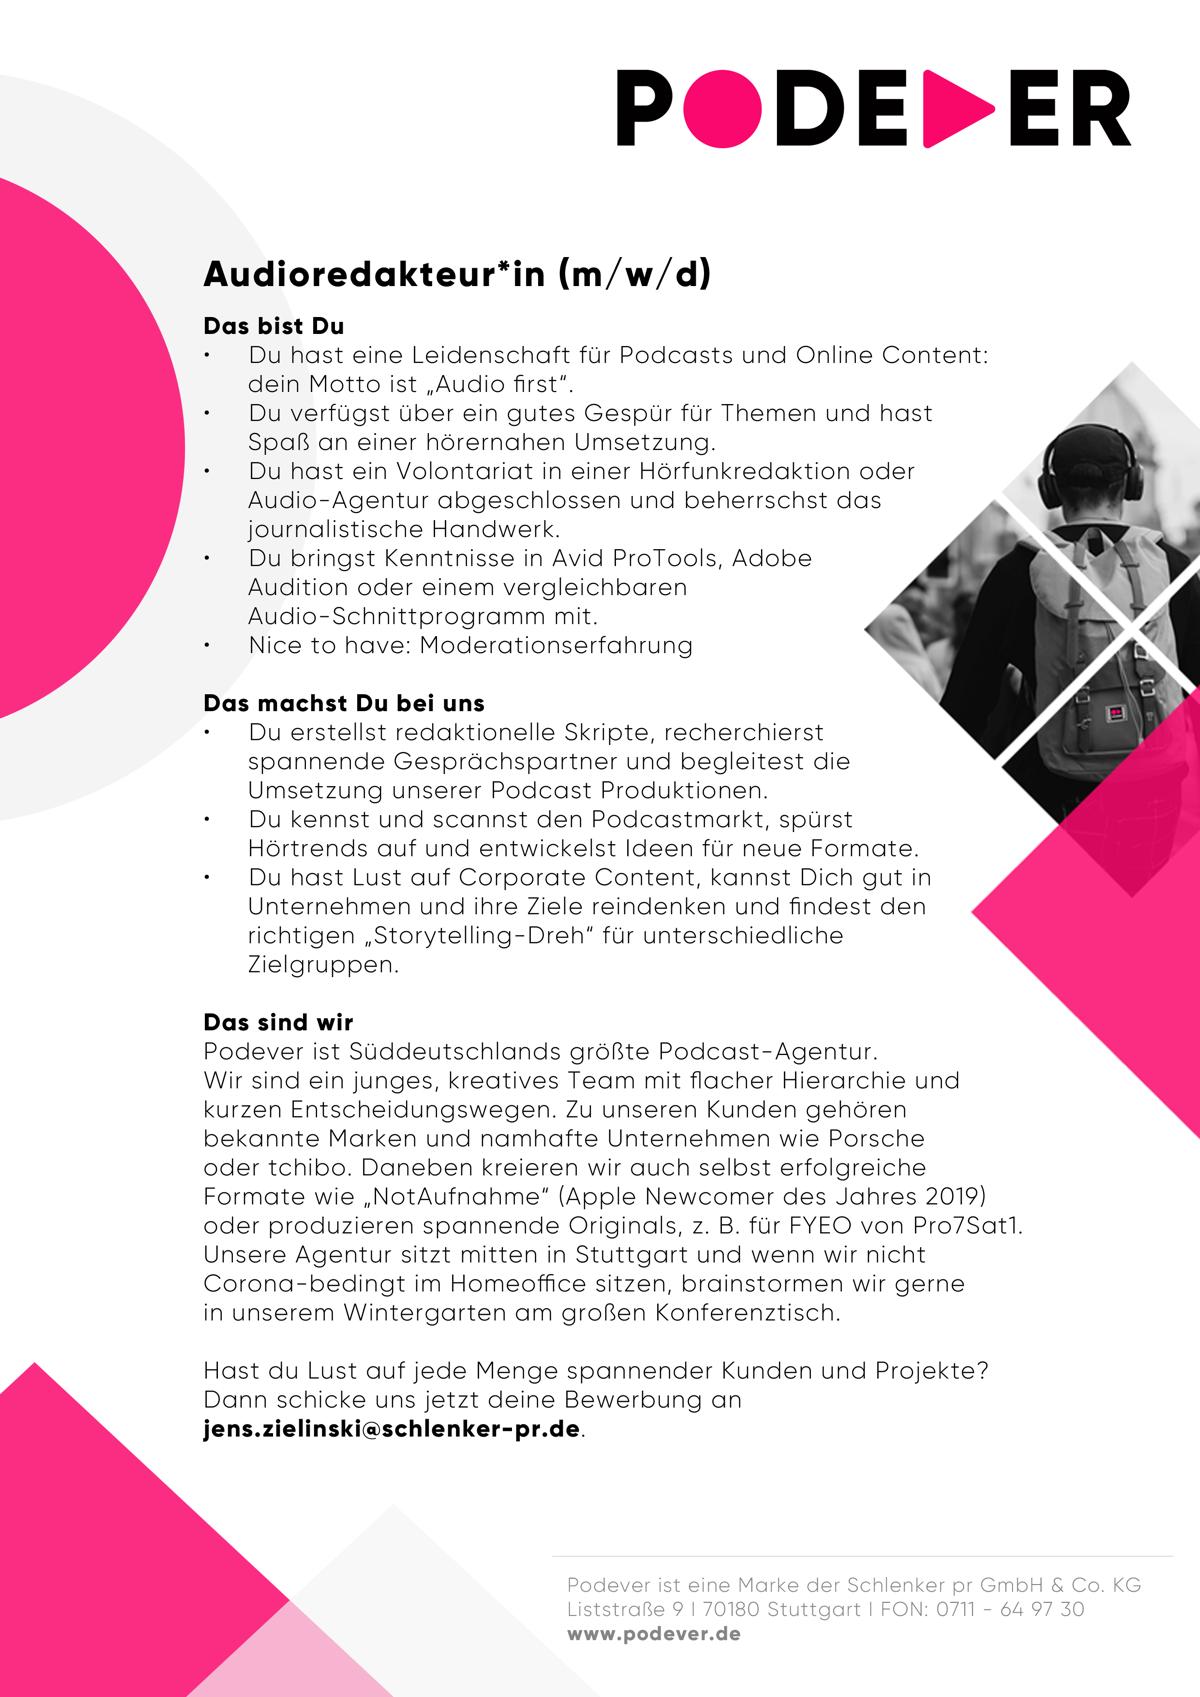 """PODEVER sucht eine(n) Audioredakteur*in (m/w/d) Das bist Du • Du hast eine Leidenschaft für Podcasts und Online Content: dein Motto ist """"Audio first"""". • Du verfügst über ein gutes Gespür für Themen und hast Spaß an einer hörernahen Umsetzung. • Du hast ein Volontariat in einer Hörfunkredaktion oder Audio-Agentur abgeschlossen und beherrschst das journalistische Handwerk. • Du bringst Kenntnisse in Avid ProTools, Adobe Audition oder einem vergleichbaren Audio-Schnittprogramm mit. • Nice to have: Moderationserfahrung Das machst Du bei uns • Du erstellst redaktionelle Skripte, recherchierst spannende Gesprächspartner und begleitest die Umsetzung unserer Podcast Produktionen. • Du kennst und scannst den Podcastmarkt, spürst Hörtrends auf und entwickelst Ideen für neue Formate. • Du hast Lust auf Corporate Content, kannst Dich gut in Unternehmen und ihre Ziele reindenken und findest den richtigen """"Storytelling-Dreh"""" für unterschiedliche Zielgruppen. Das sind wir Podever ist Süddeutschlands größte Podcast-Agentur. Wir sind ein junges, kreatives Team mit flacher Hierarchie und kurzen Entscheidungswegen. Zu unseren Kunden gehören bekannte Marken und namhafte Unternehmen wie Porsche oder tchibo. Daneben kreieren wir auch selbst erfolgreiche Formate wie """"NotAufnahme"""" (Apple Newcomer des Jahres 2019) oder produzieren spannende Originals, z. B. für FYEO von Pro7Sat1. Unsere Agentur sitzt mitten in Stuttgart und wenn wir nicht Corona-bedingt im Homeoffice sitzen, brainstormen wir gerne in unserem Wintergarten am großen Konferenztisch. Hast du Lust auf jede Menge spannender Kunden und Projekte? Dann schicke uns jetzt deine Bewerbung an jens.zielinski@schlenker-pr.de."""